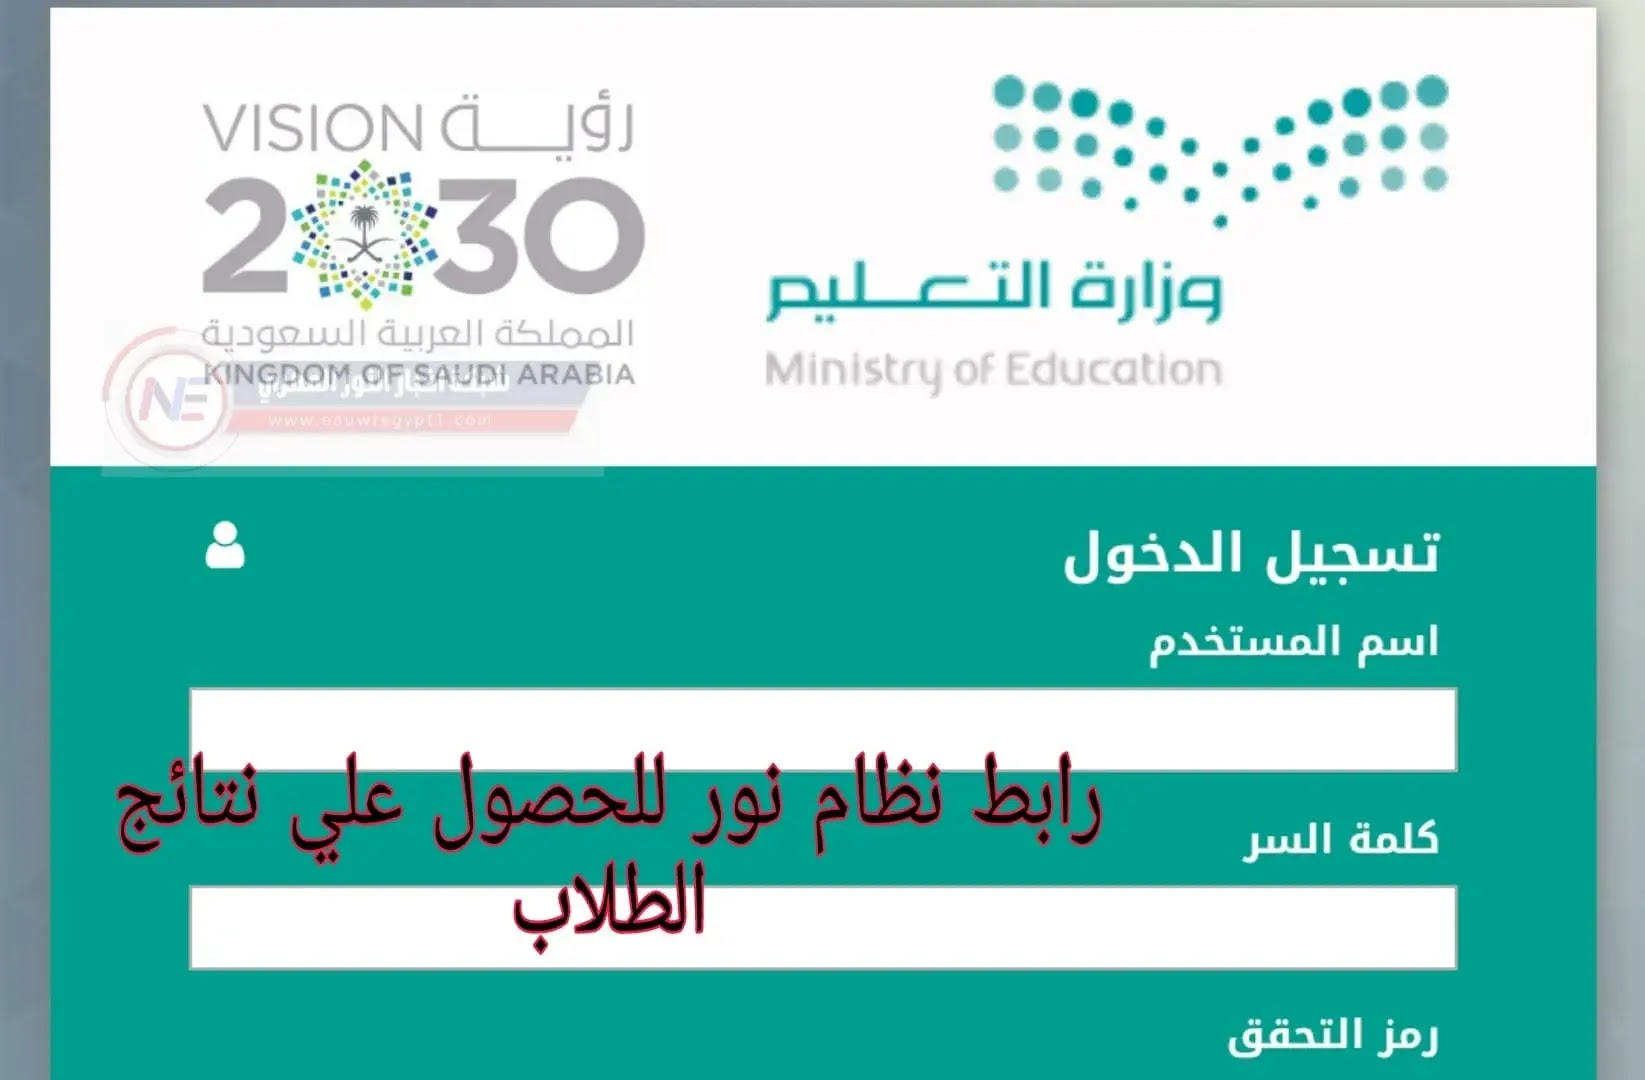 هنا.. رابط نظام نور للاستعلام عن نتائج الطلاب برقم الهوية الوطنية 1442 بالمملكة العربية السعودية عبر noor.moe.gov.sa